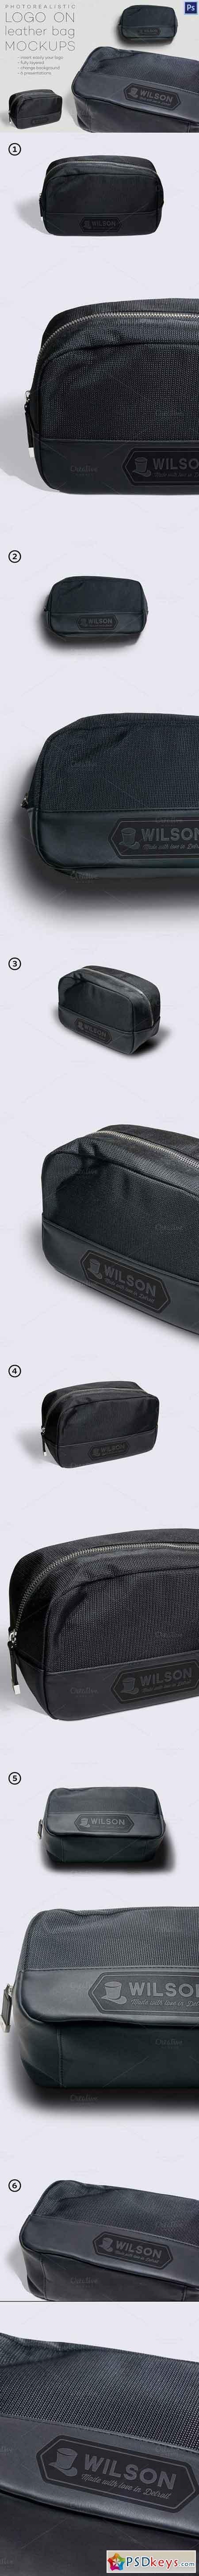 Logo on leather bag mockups 664577